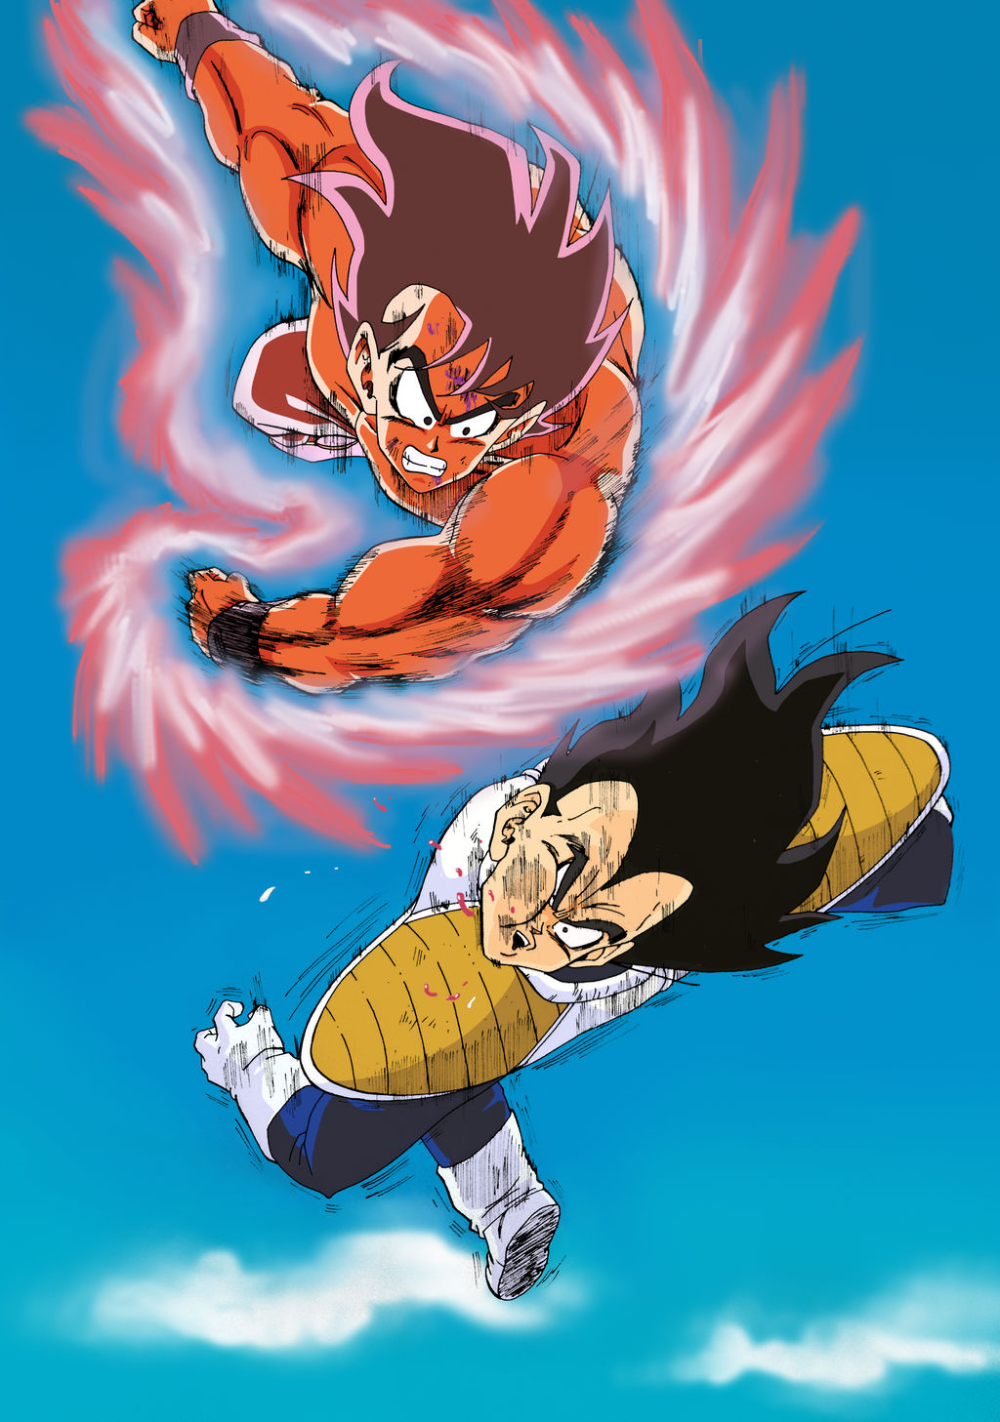 Goku Kaioken X3 Vs Vegeta Goku Lleno De Rabia Le Pega Un Punetazo En La Cara A Vegeta Anime Dragon Ball Super Anime Dragon Ball Dc Comics Wallpaper Iphone